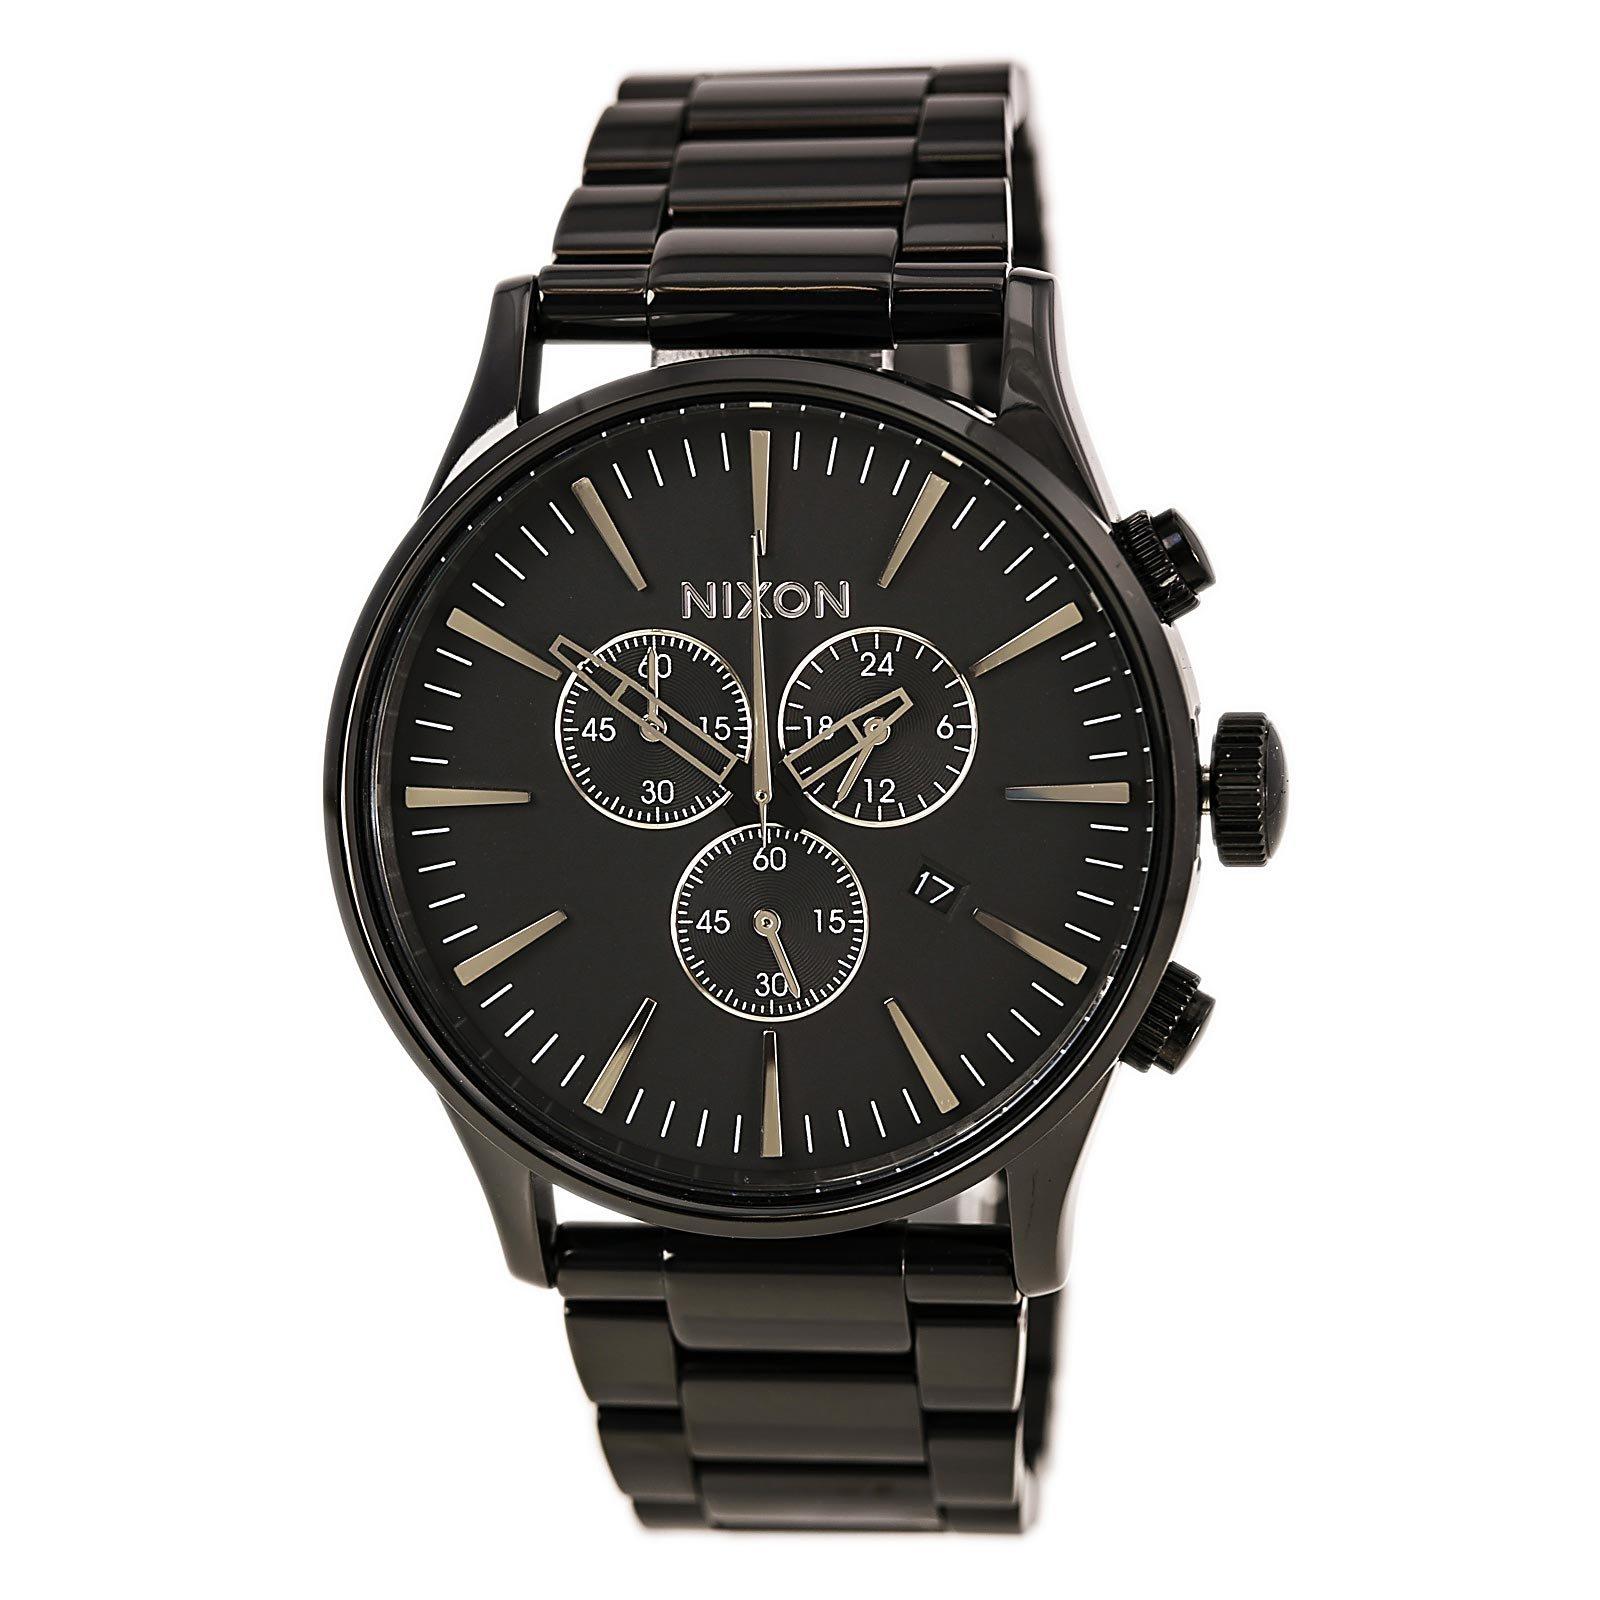 Nixon Men's A386001 Sentry Chrono Watch